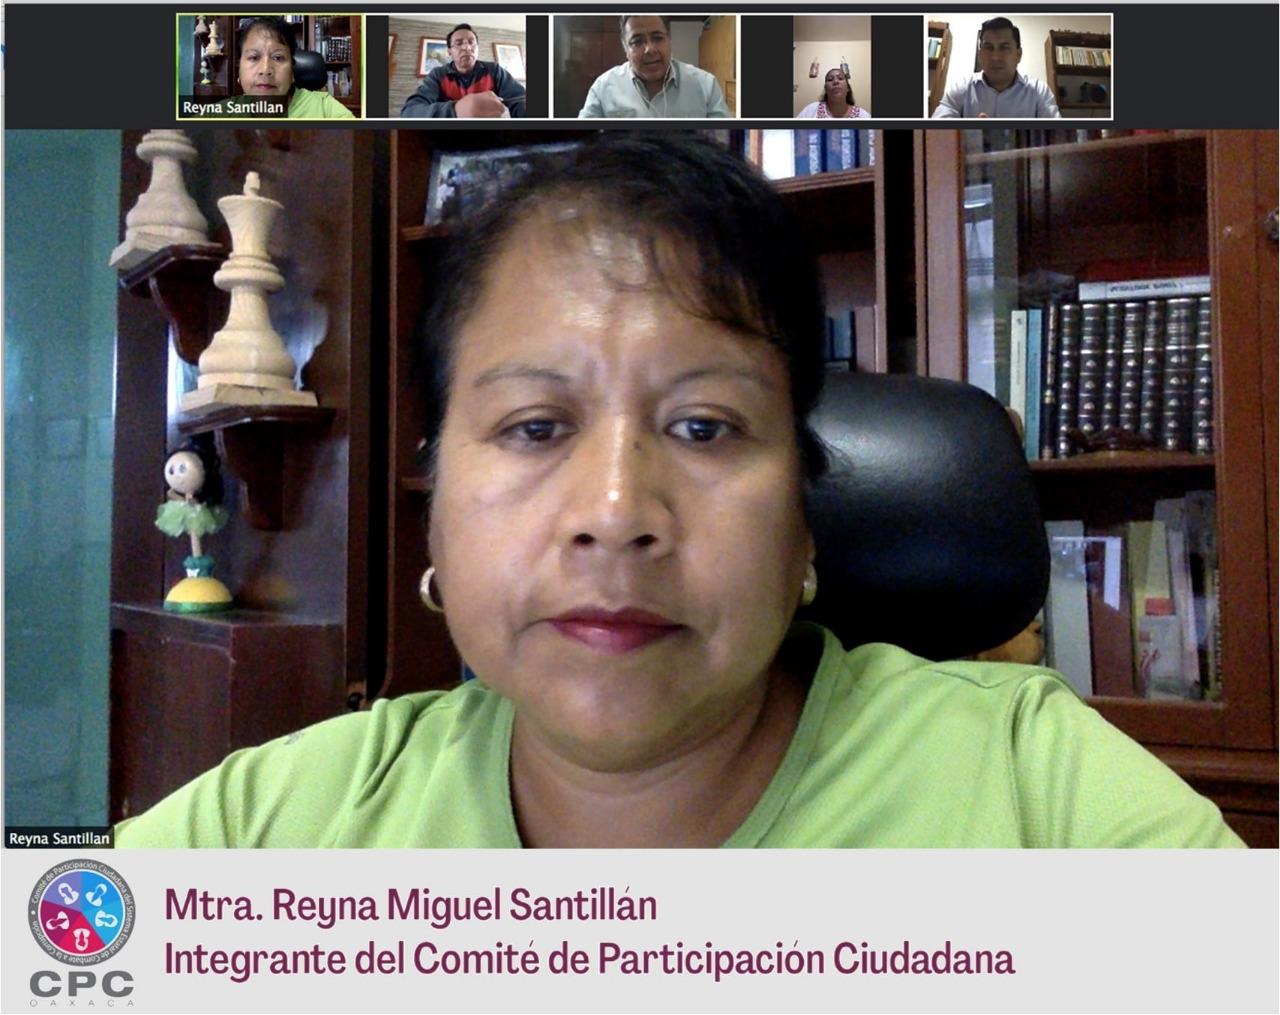 Denuncian a directivos del CPC y a un diputado de Oaxaca por violencia política de género